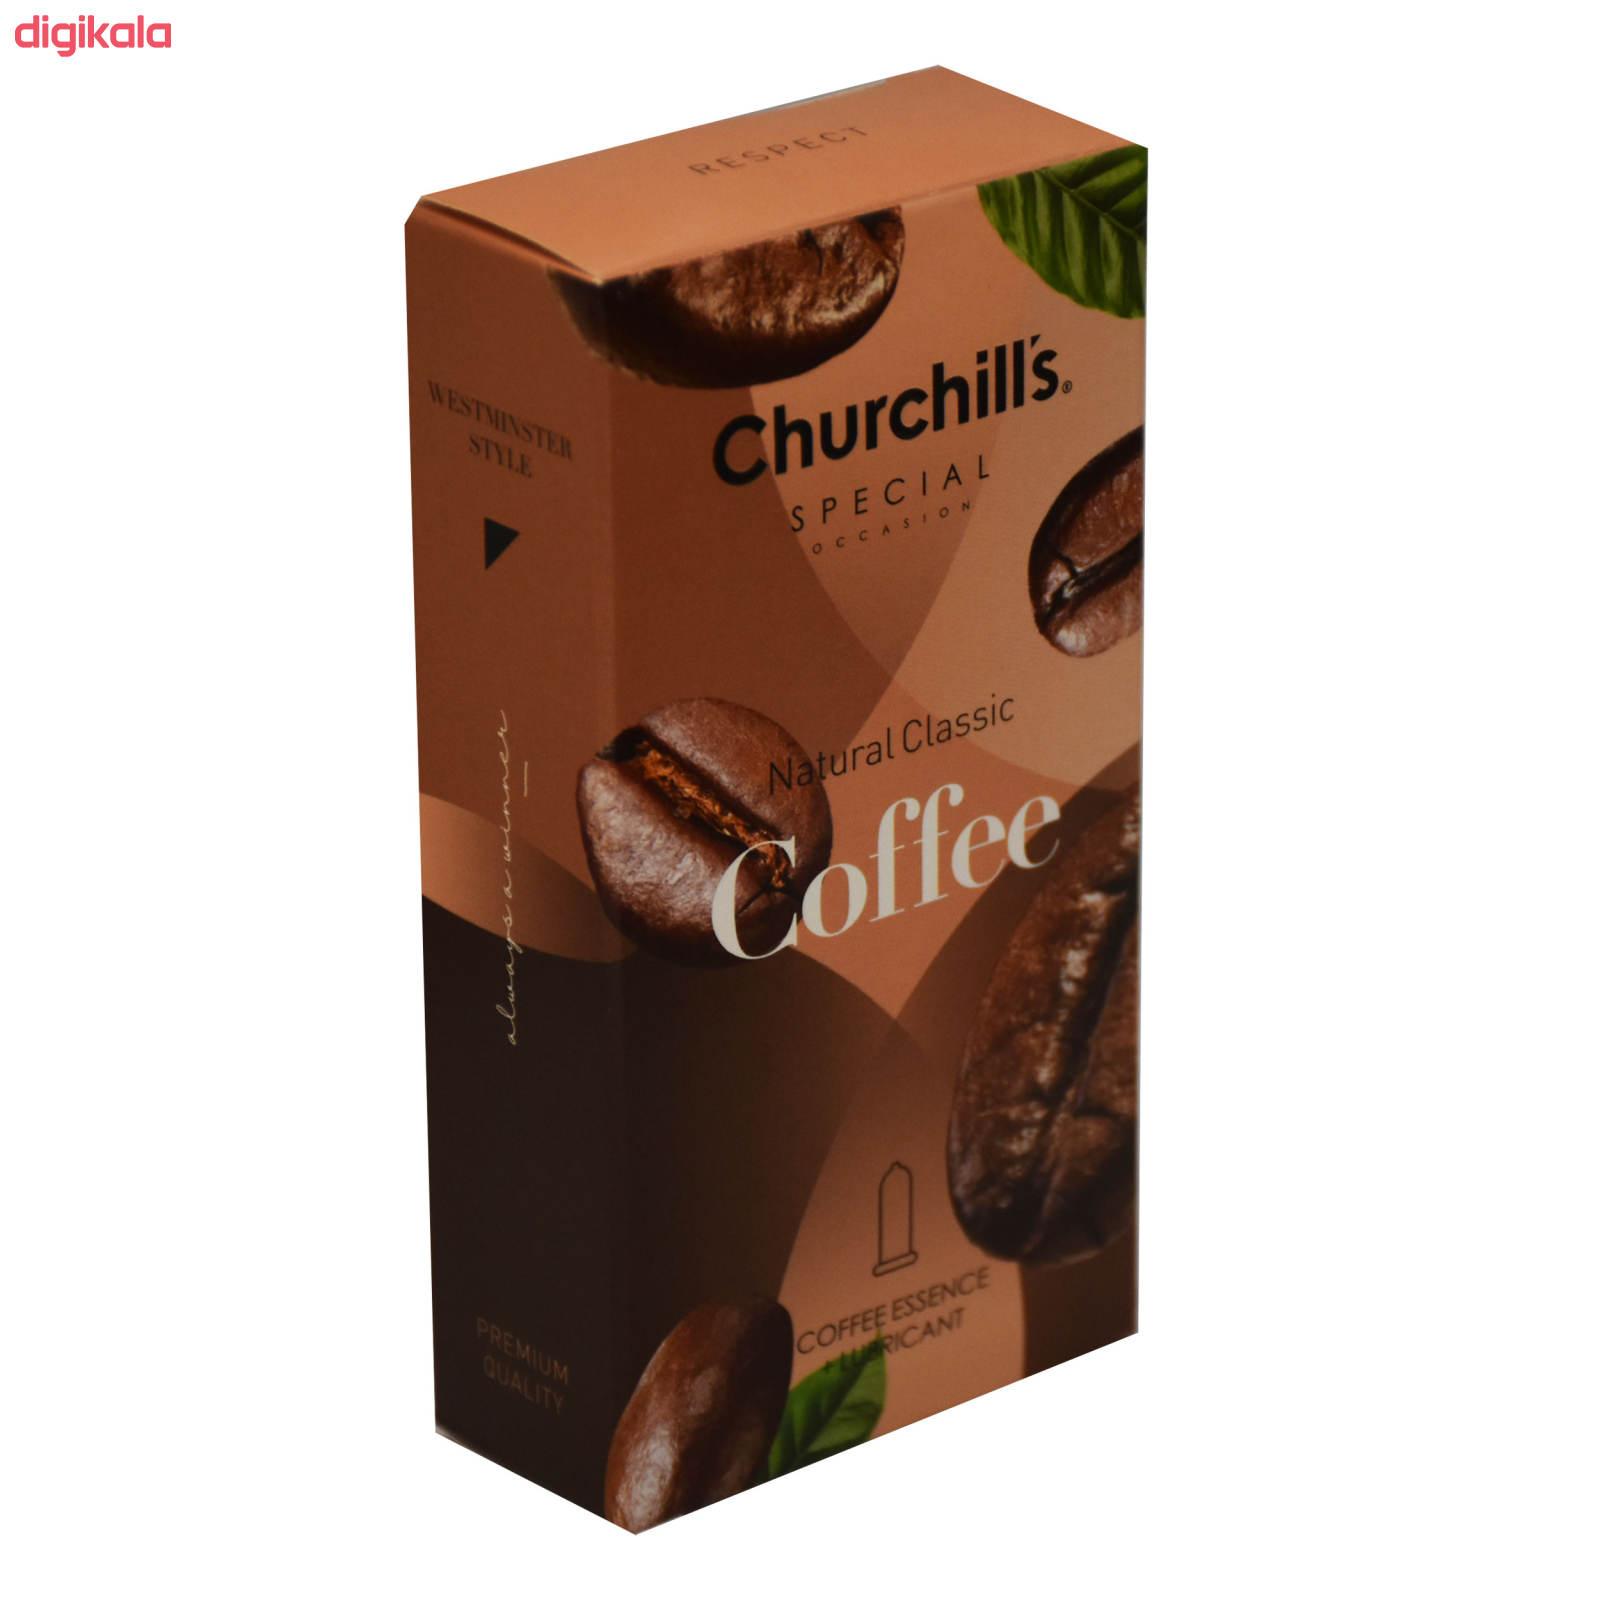 کاندوم چرچیلز مدل Natural Classic Coffee  بسته 12 عددی main 1 3